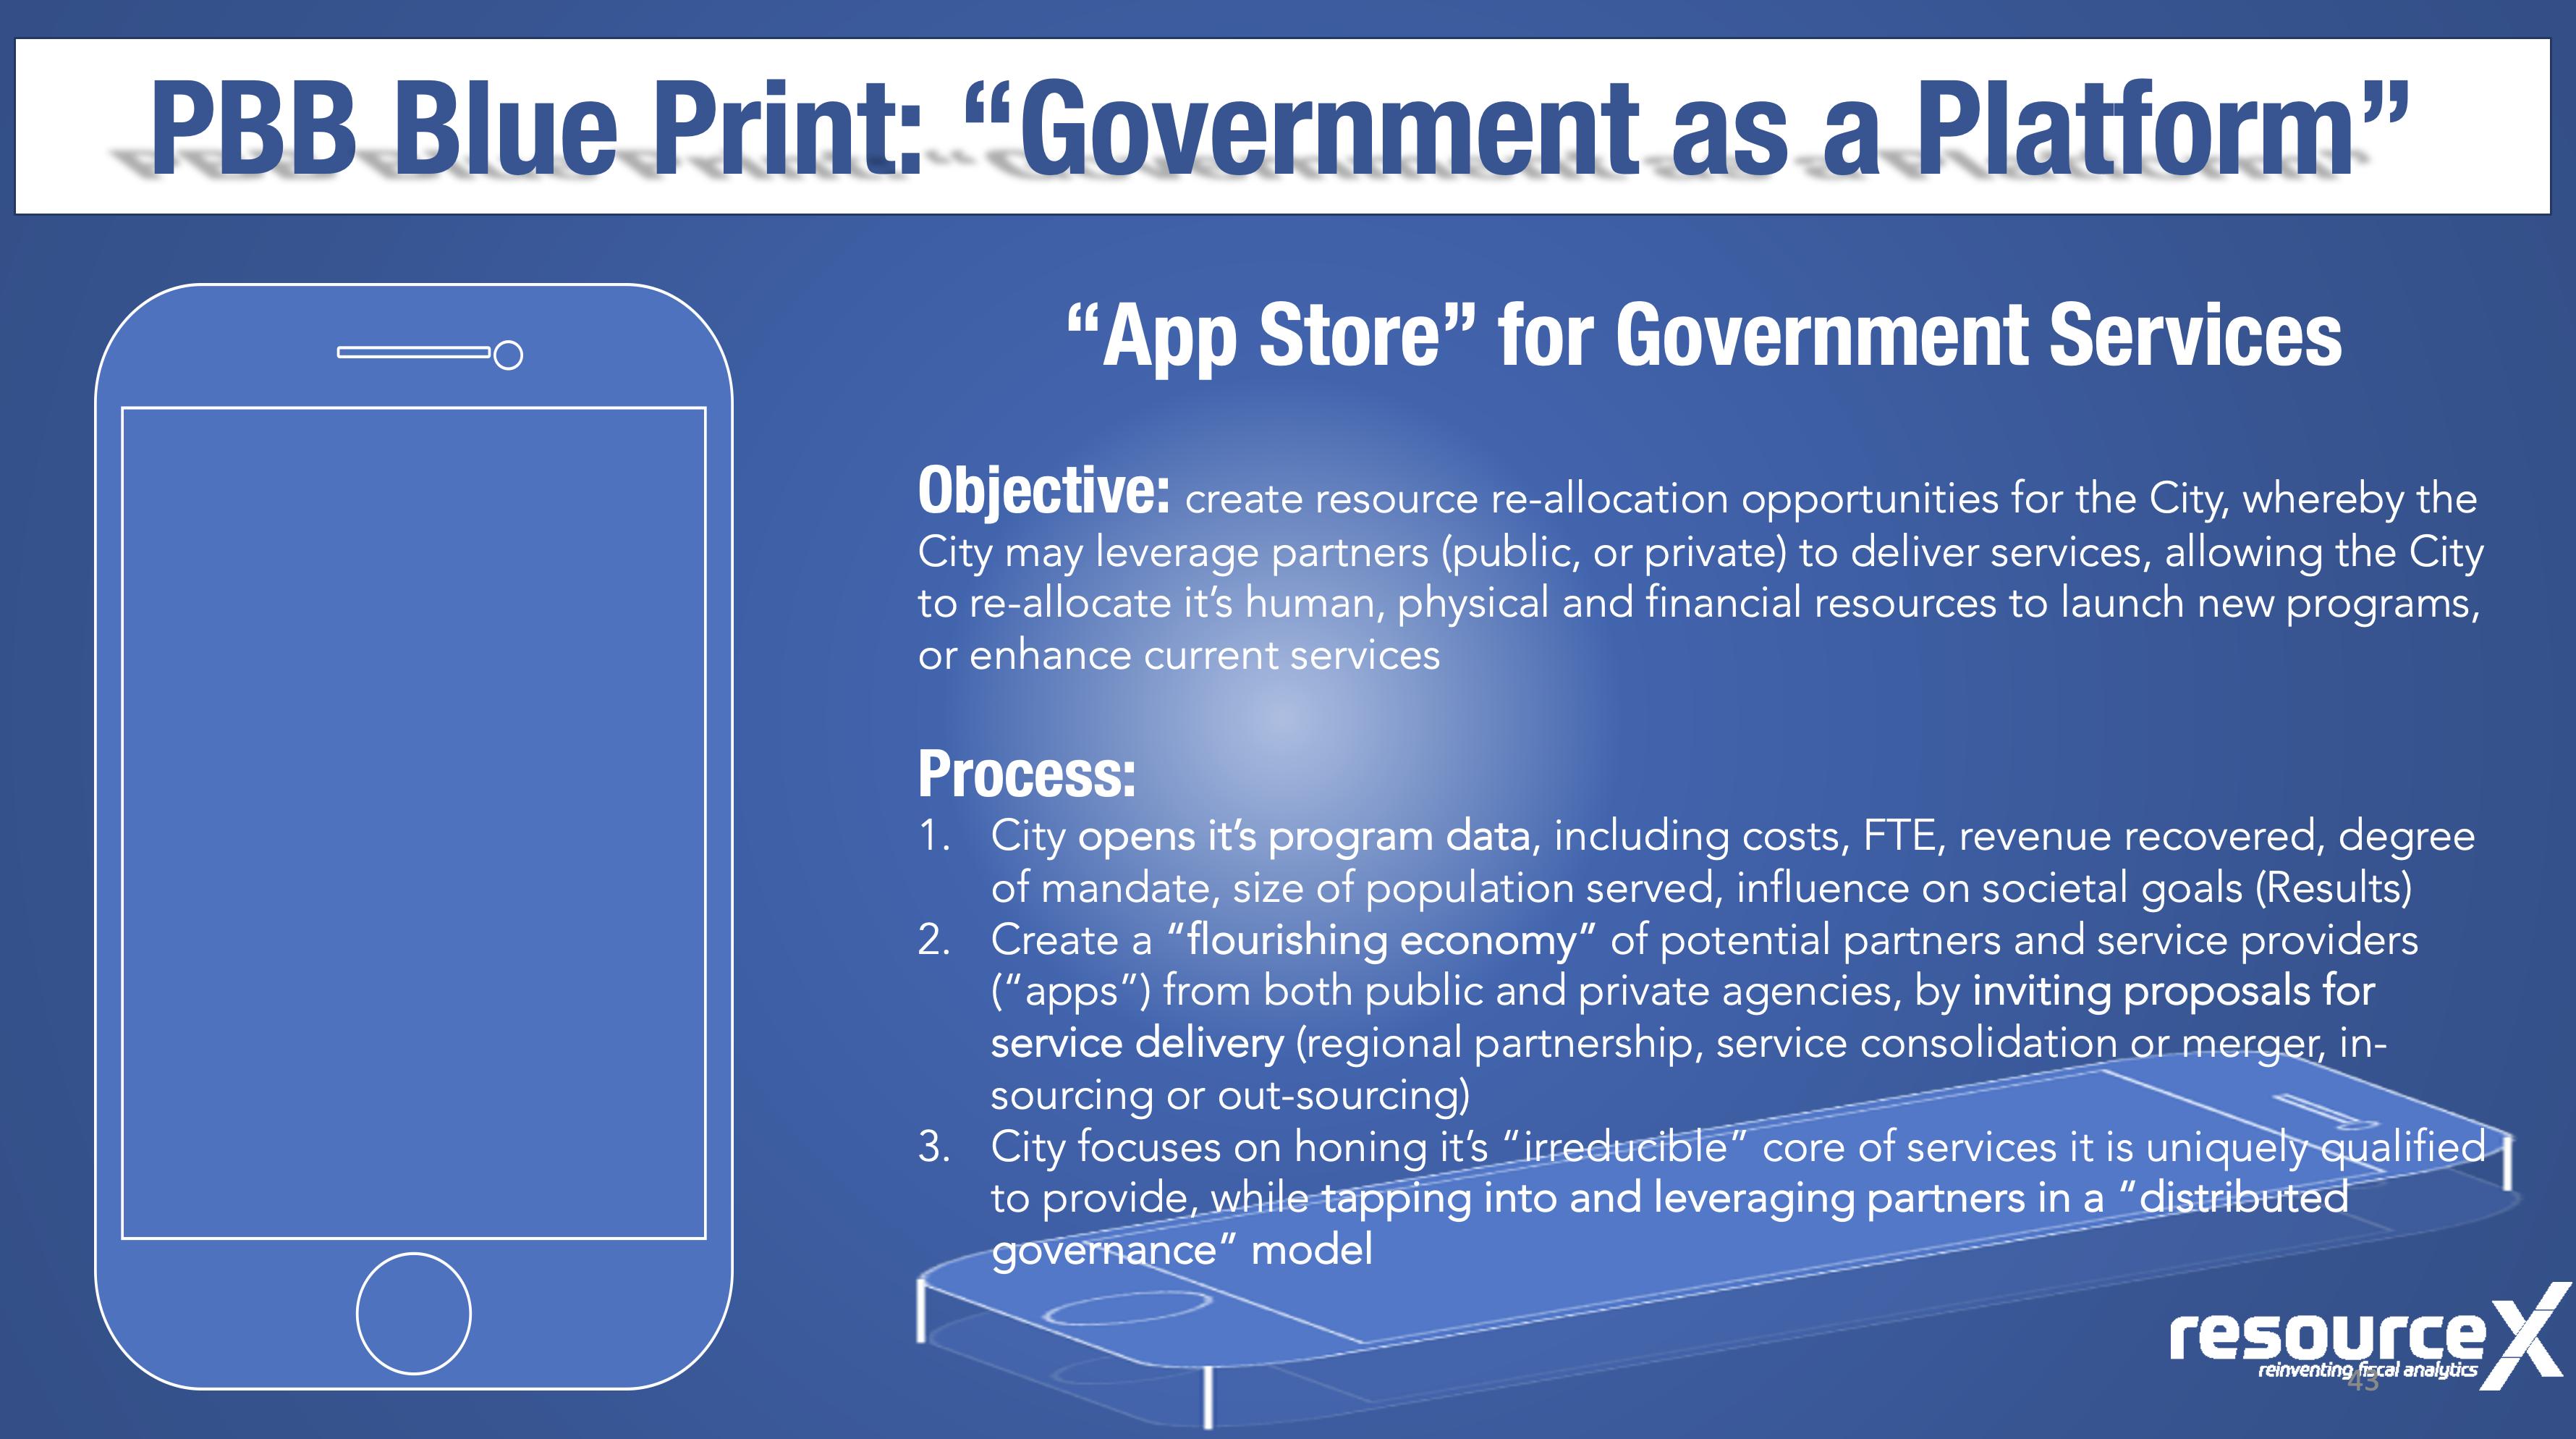 Government as a Platform